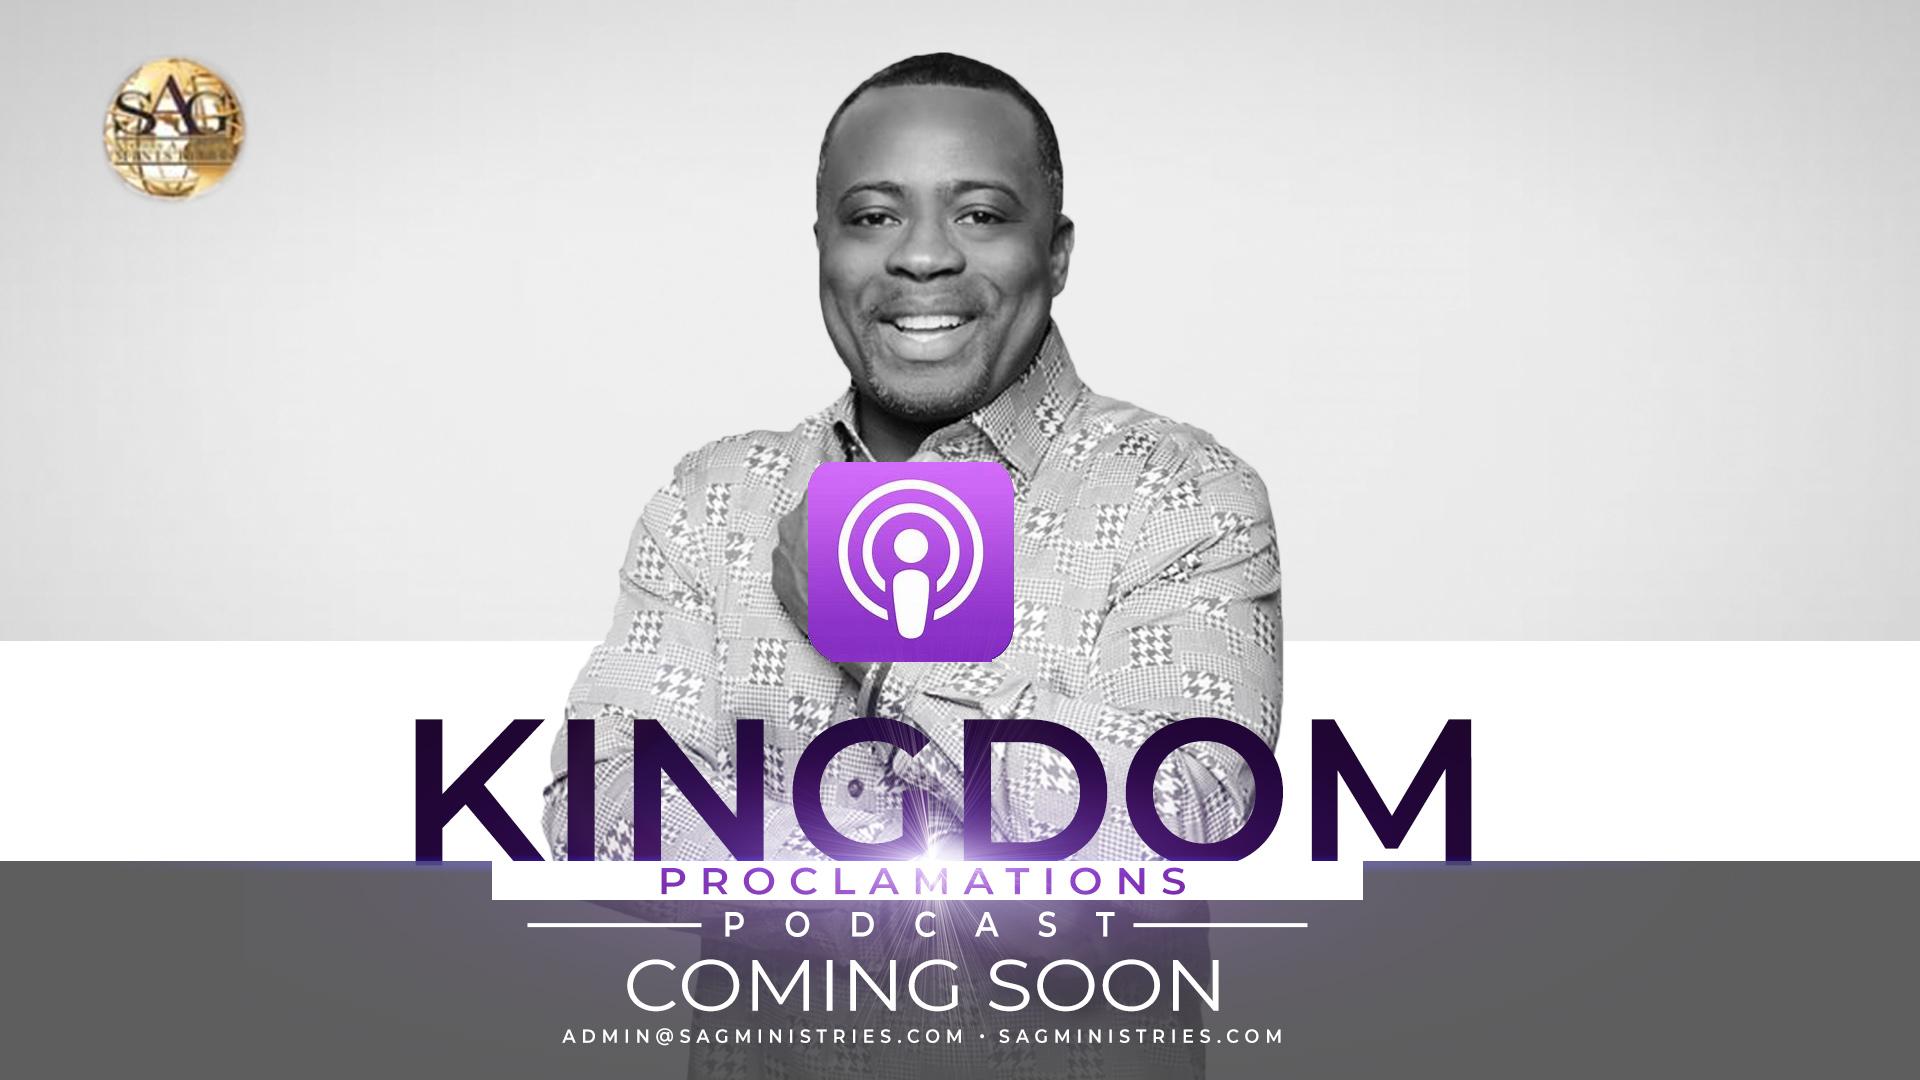 KingdomPodcast (1080p).jpg